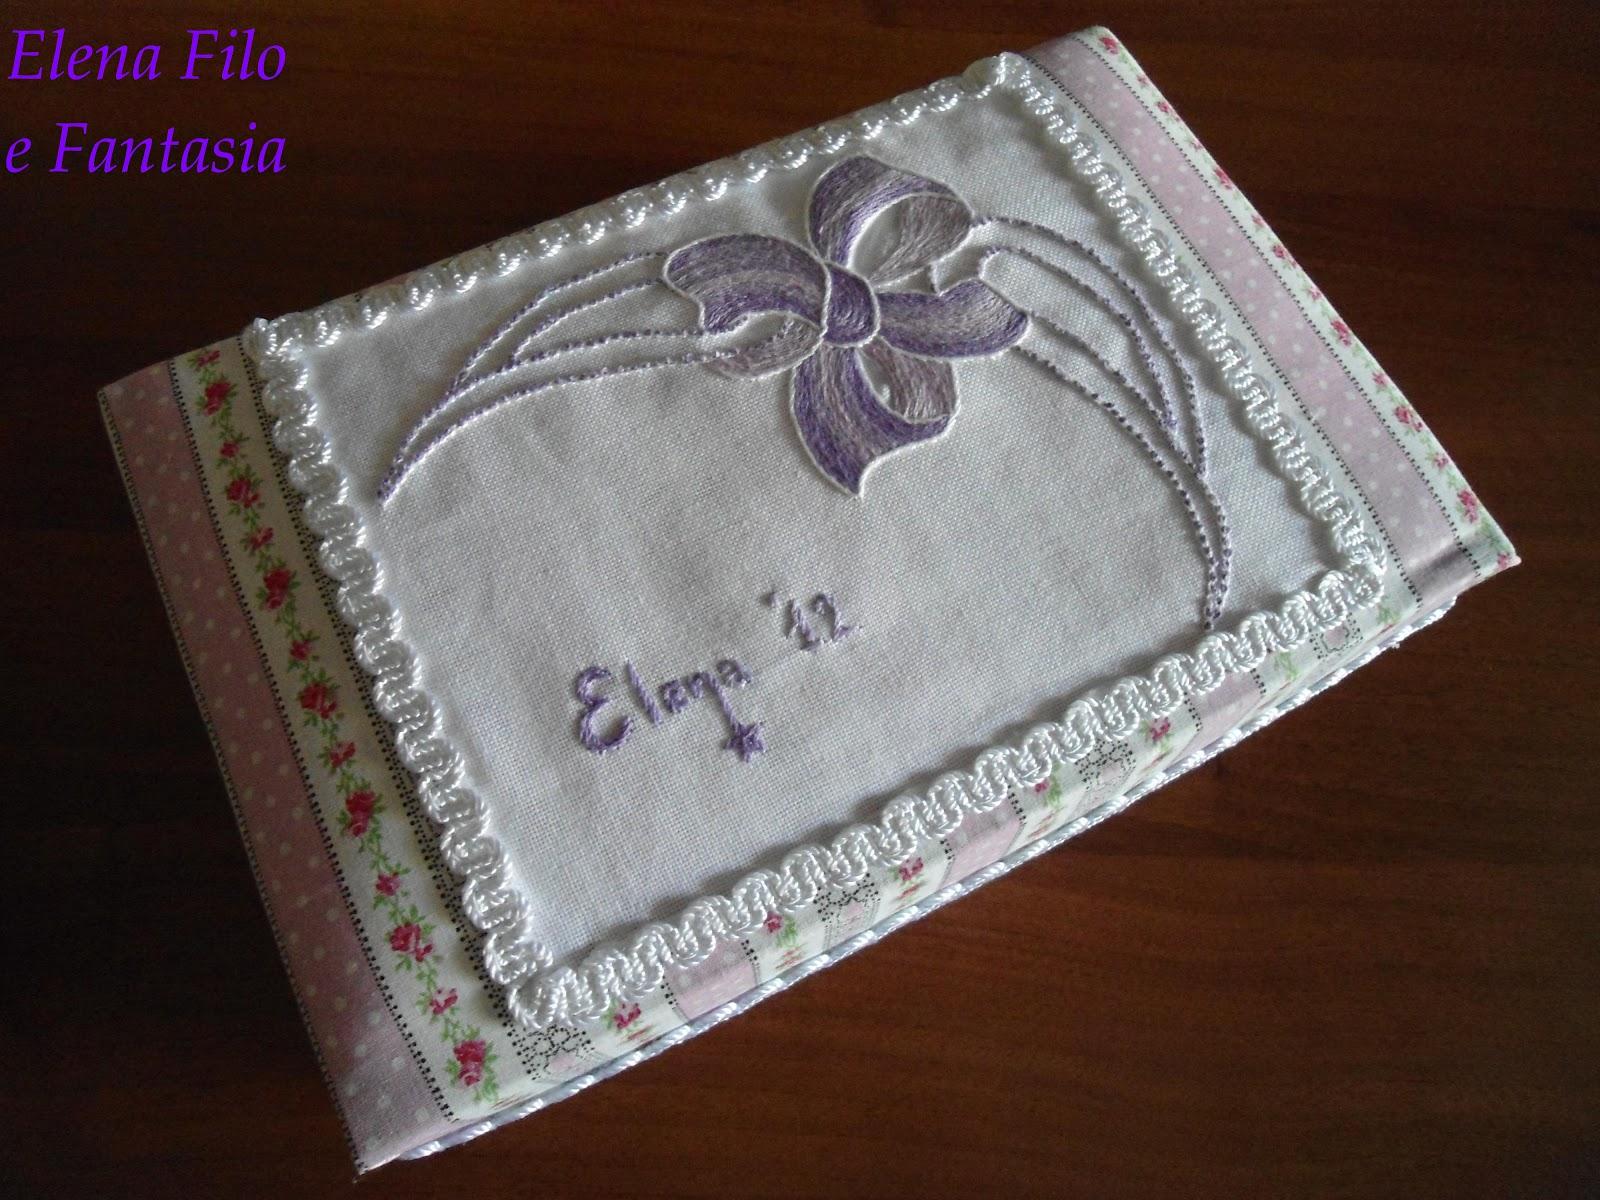 Elena filo e fantasia scatola rivestita con ricamo for Scatole rivestite in stoffa tutorial